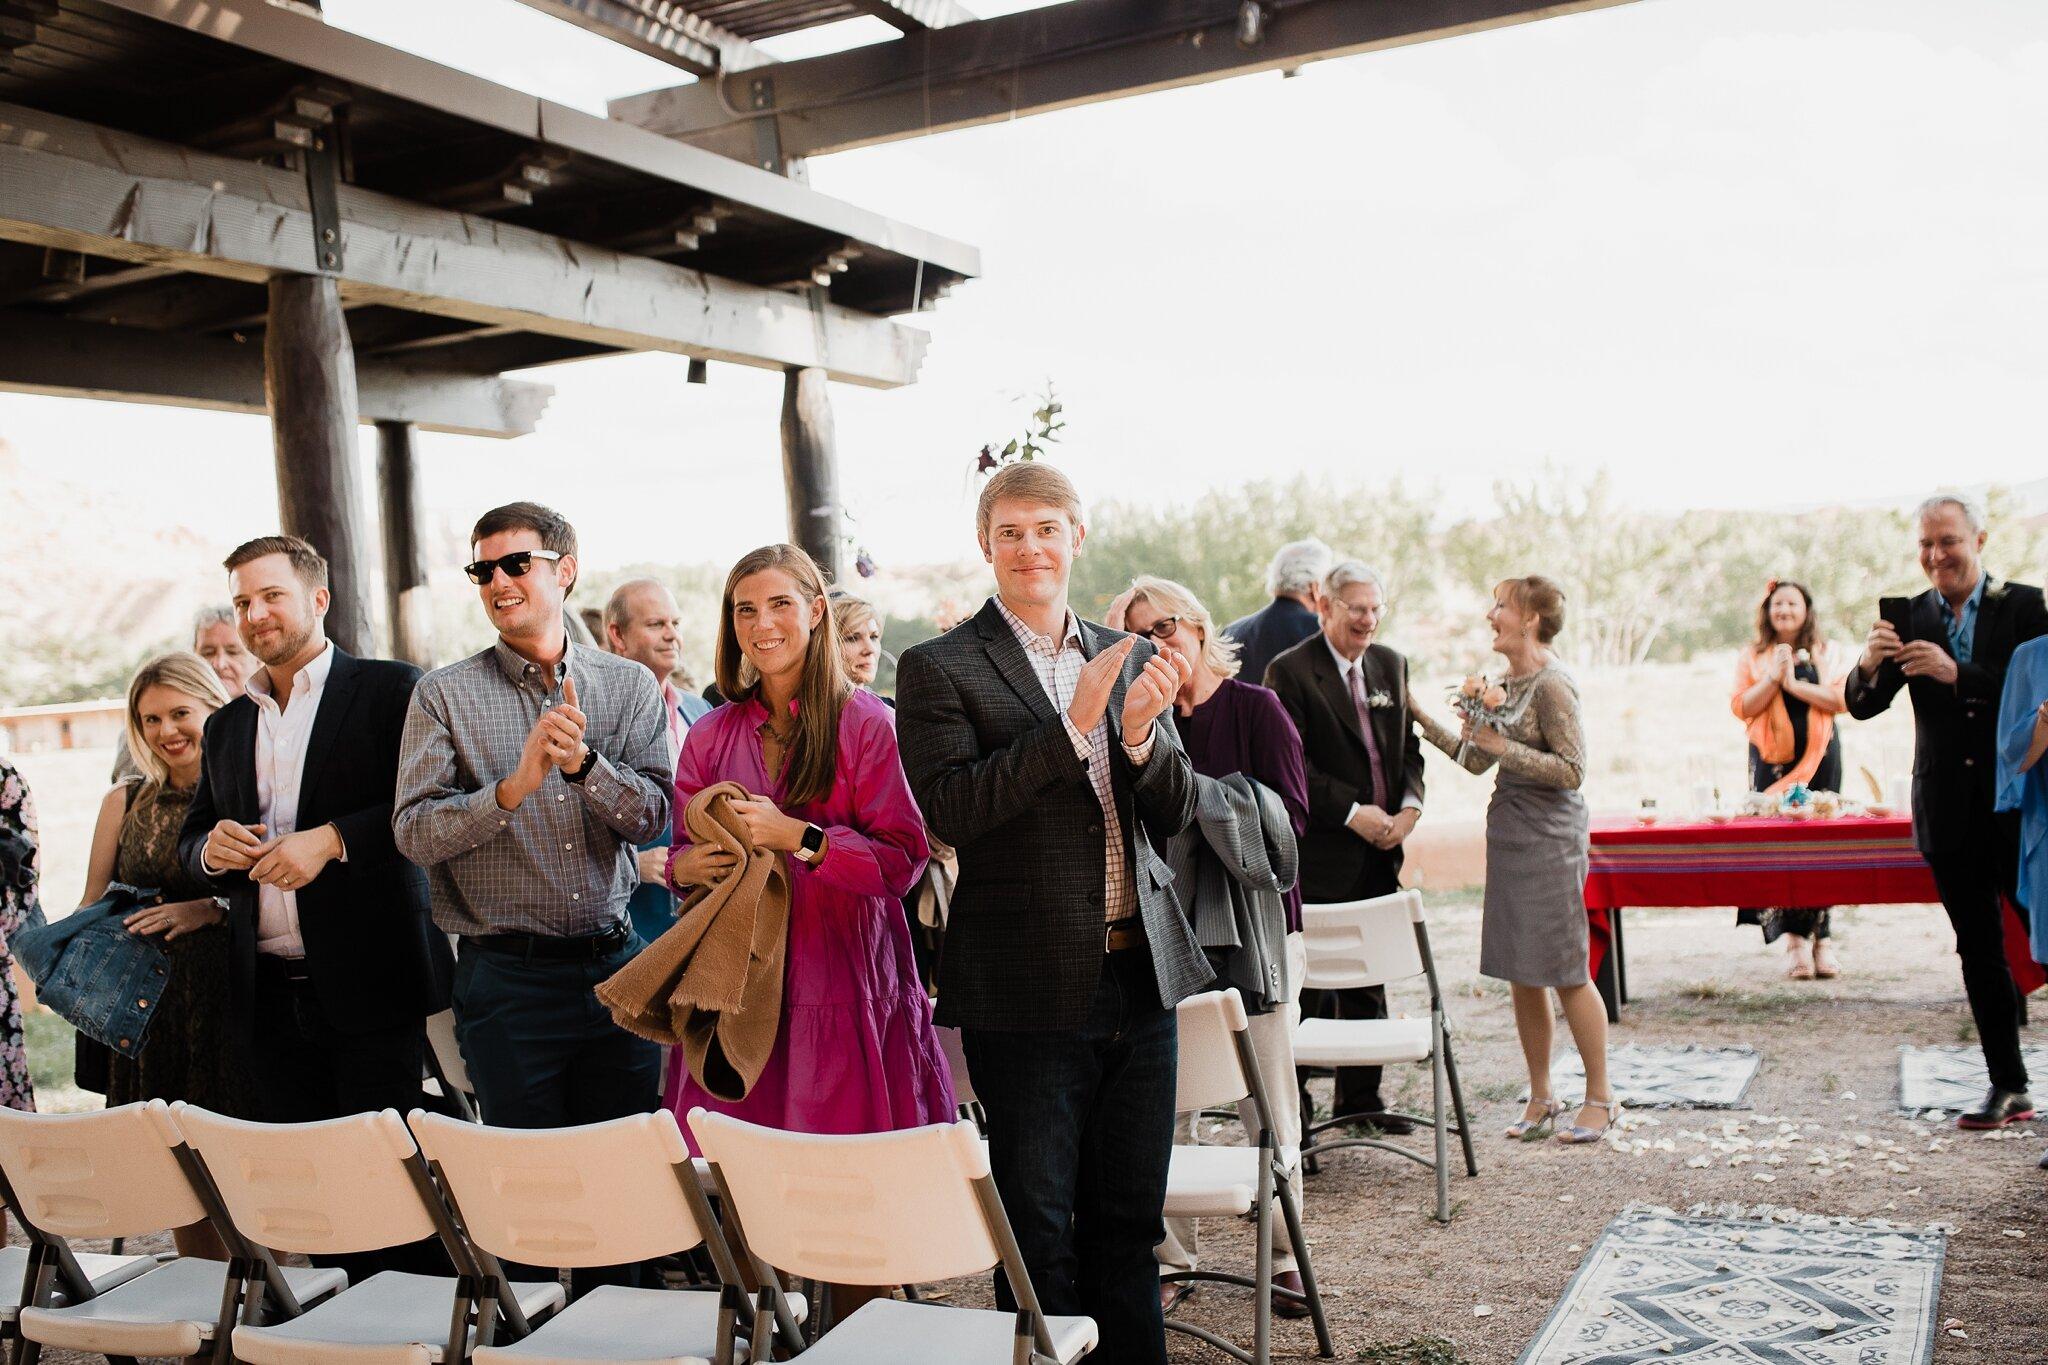 Alicia+lucia+photography+-+albuquerque+wedding+photographer+-+santa+fe+wedding+photography+-+new+mexico+wedding+photographer+-+new+mexico+wedding+-+wedding+-+santa+fe+wedding+-+ghost+ranch+-+ghost+ranch+wedding+-+fall+wedding_0040.jpg